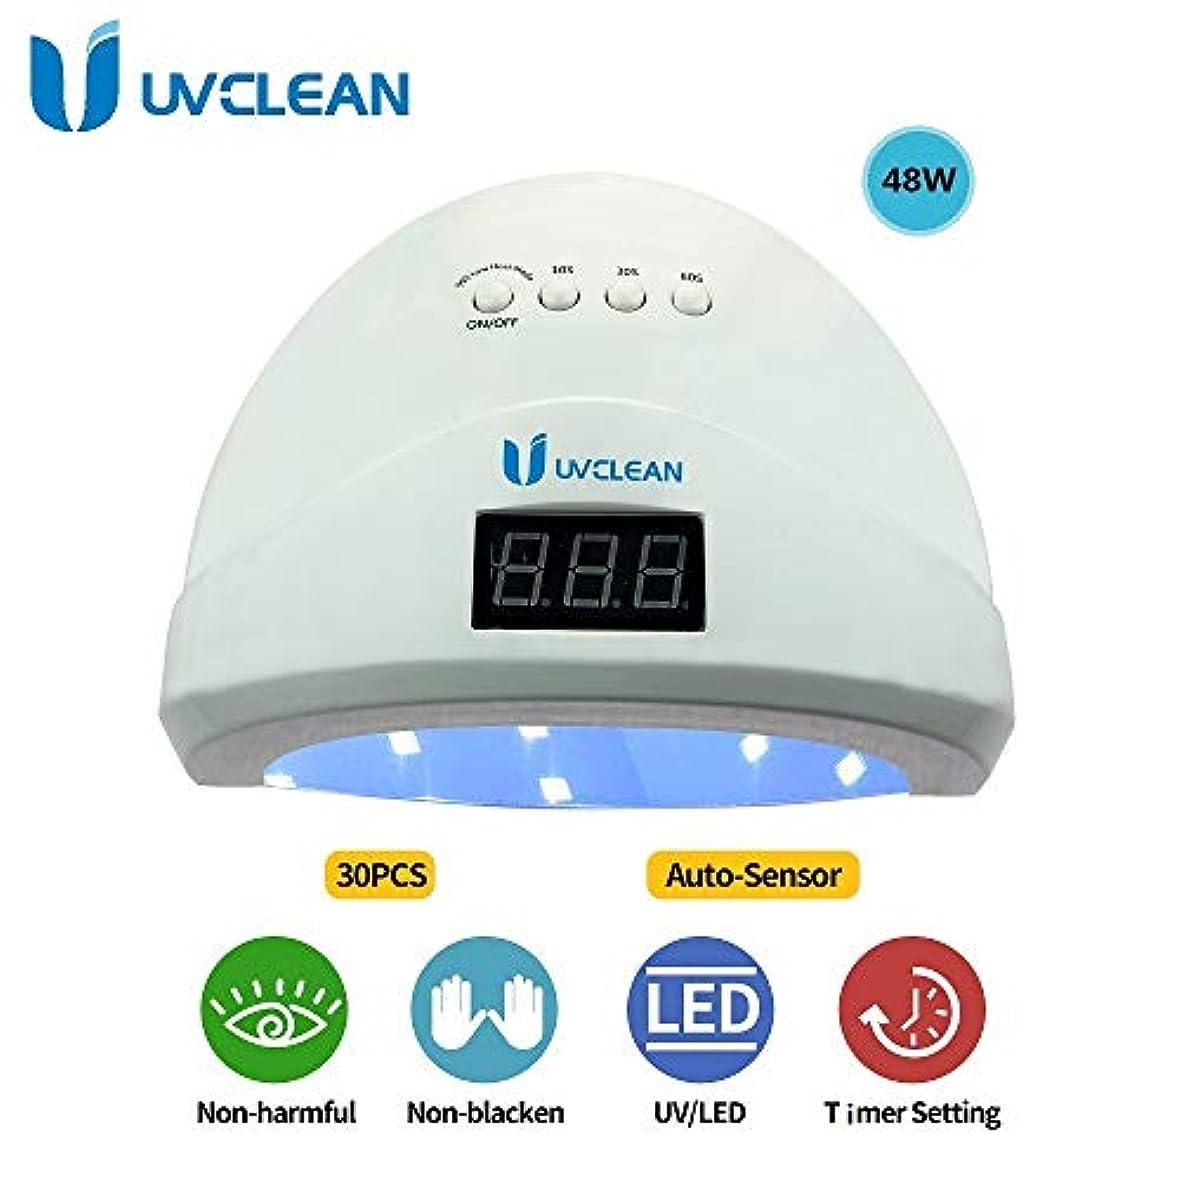 胚ベース感性自動センサーを有する48Wのネイルサロンランプ、ネイルカラー硬化ランプ、紫外線ネイル乾燥機